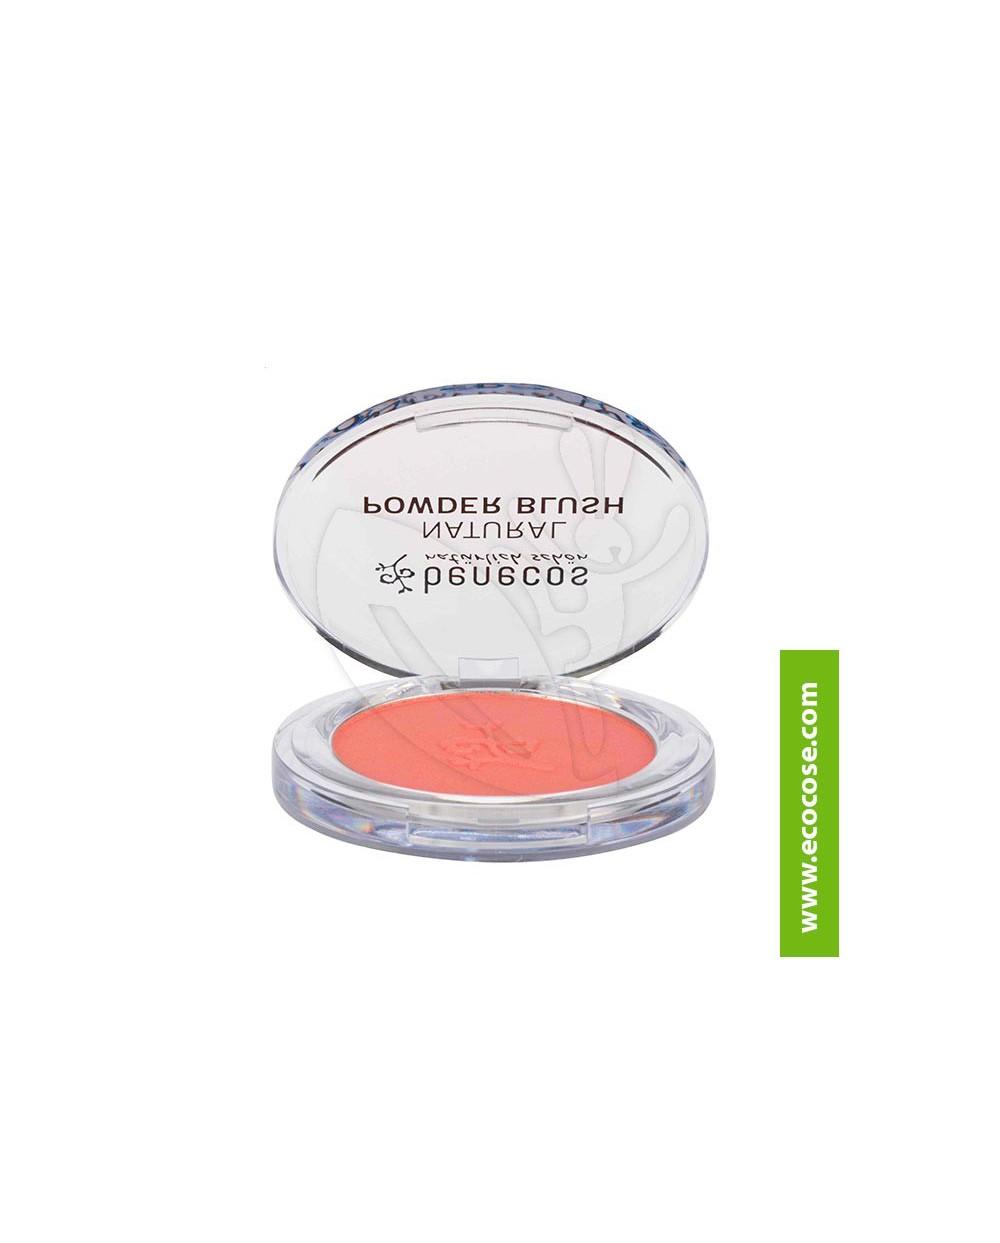 Benecos - Fard Naturale Compatto - Sassy Salmon